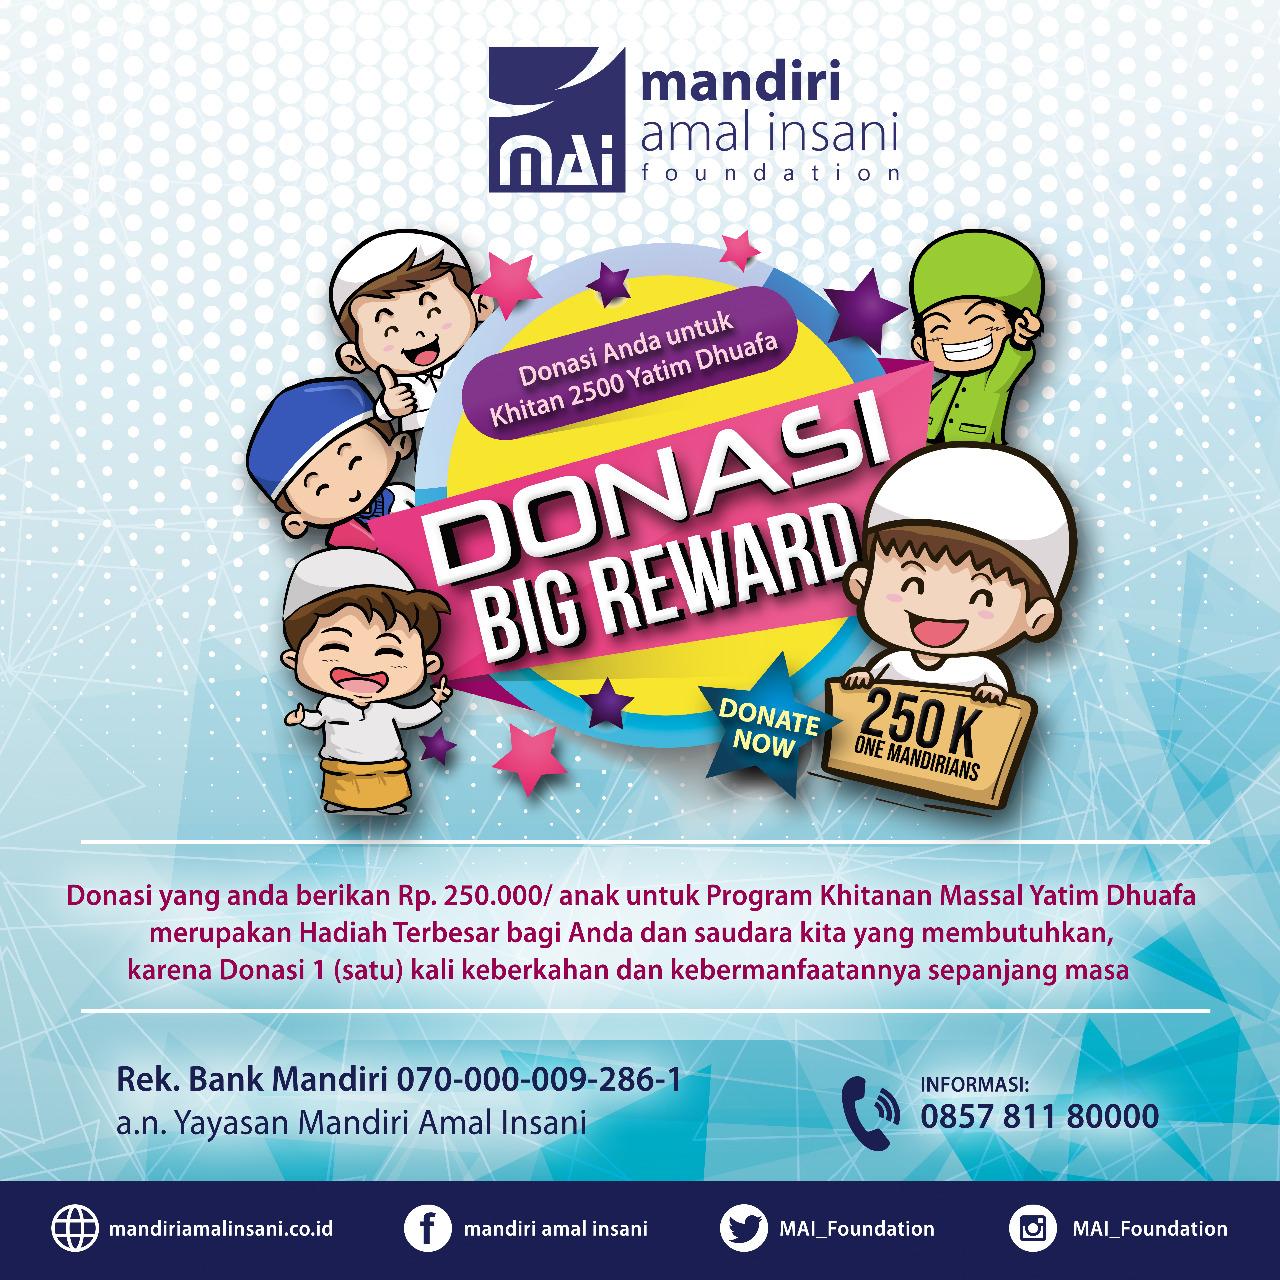 Donasi Big Reward 250K, Khitanan Massal 2500 Yatim Dhuafa